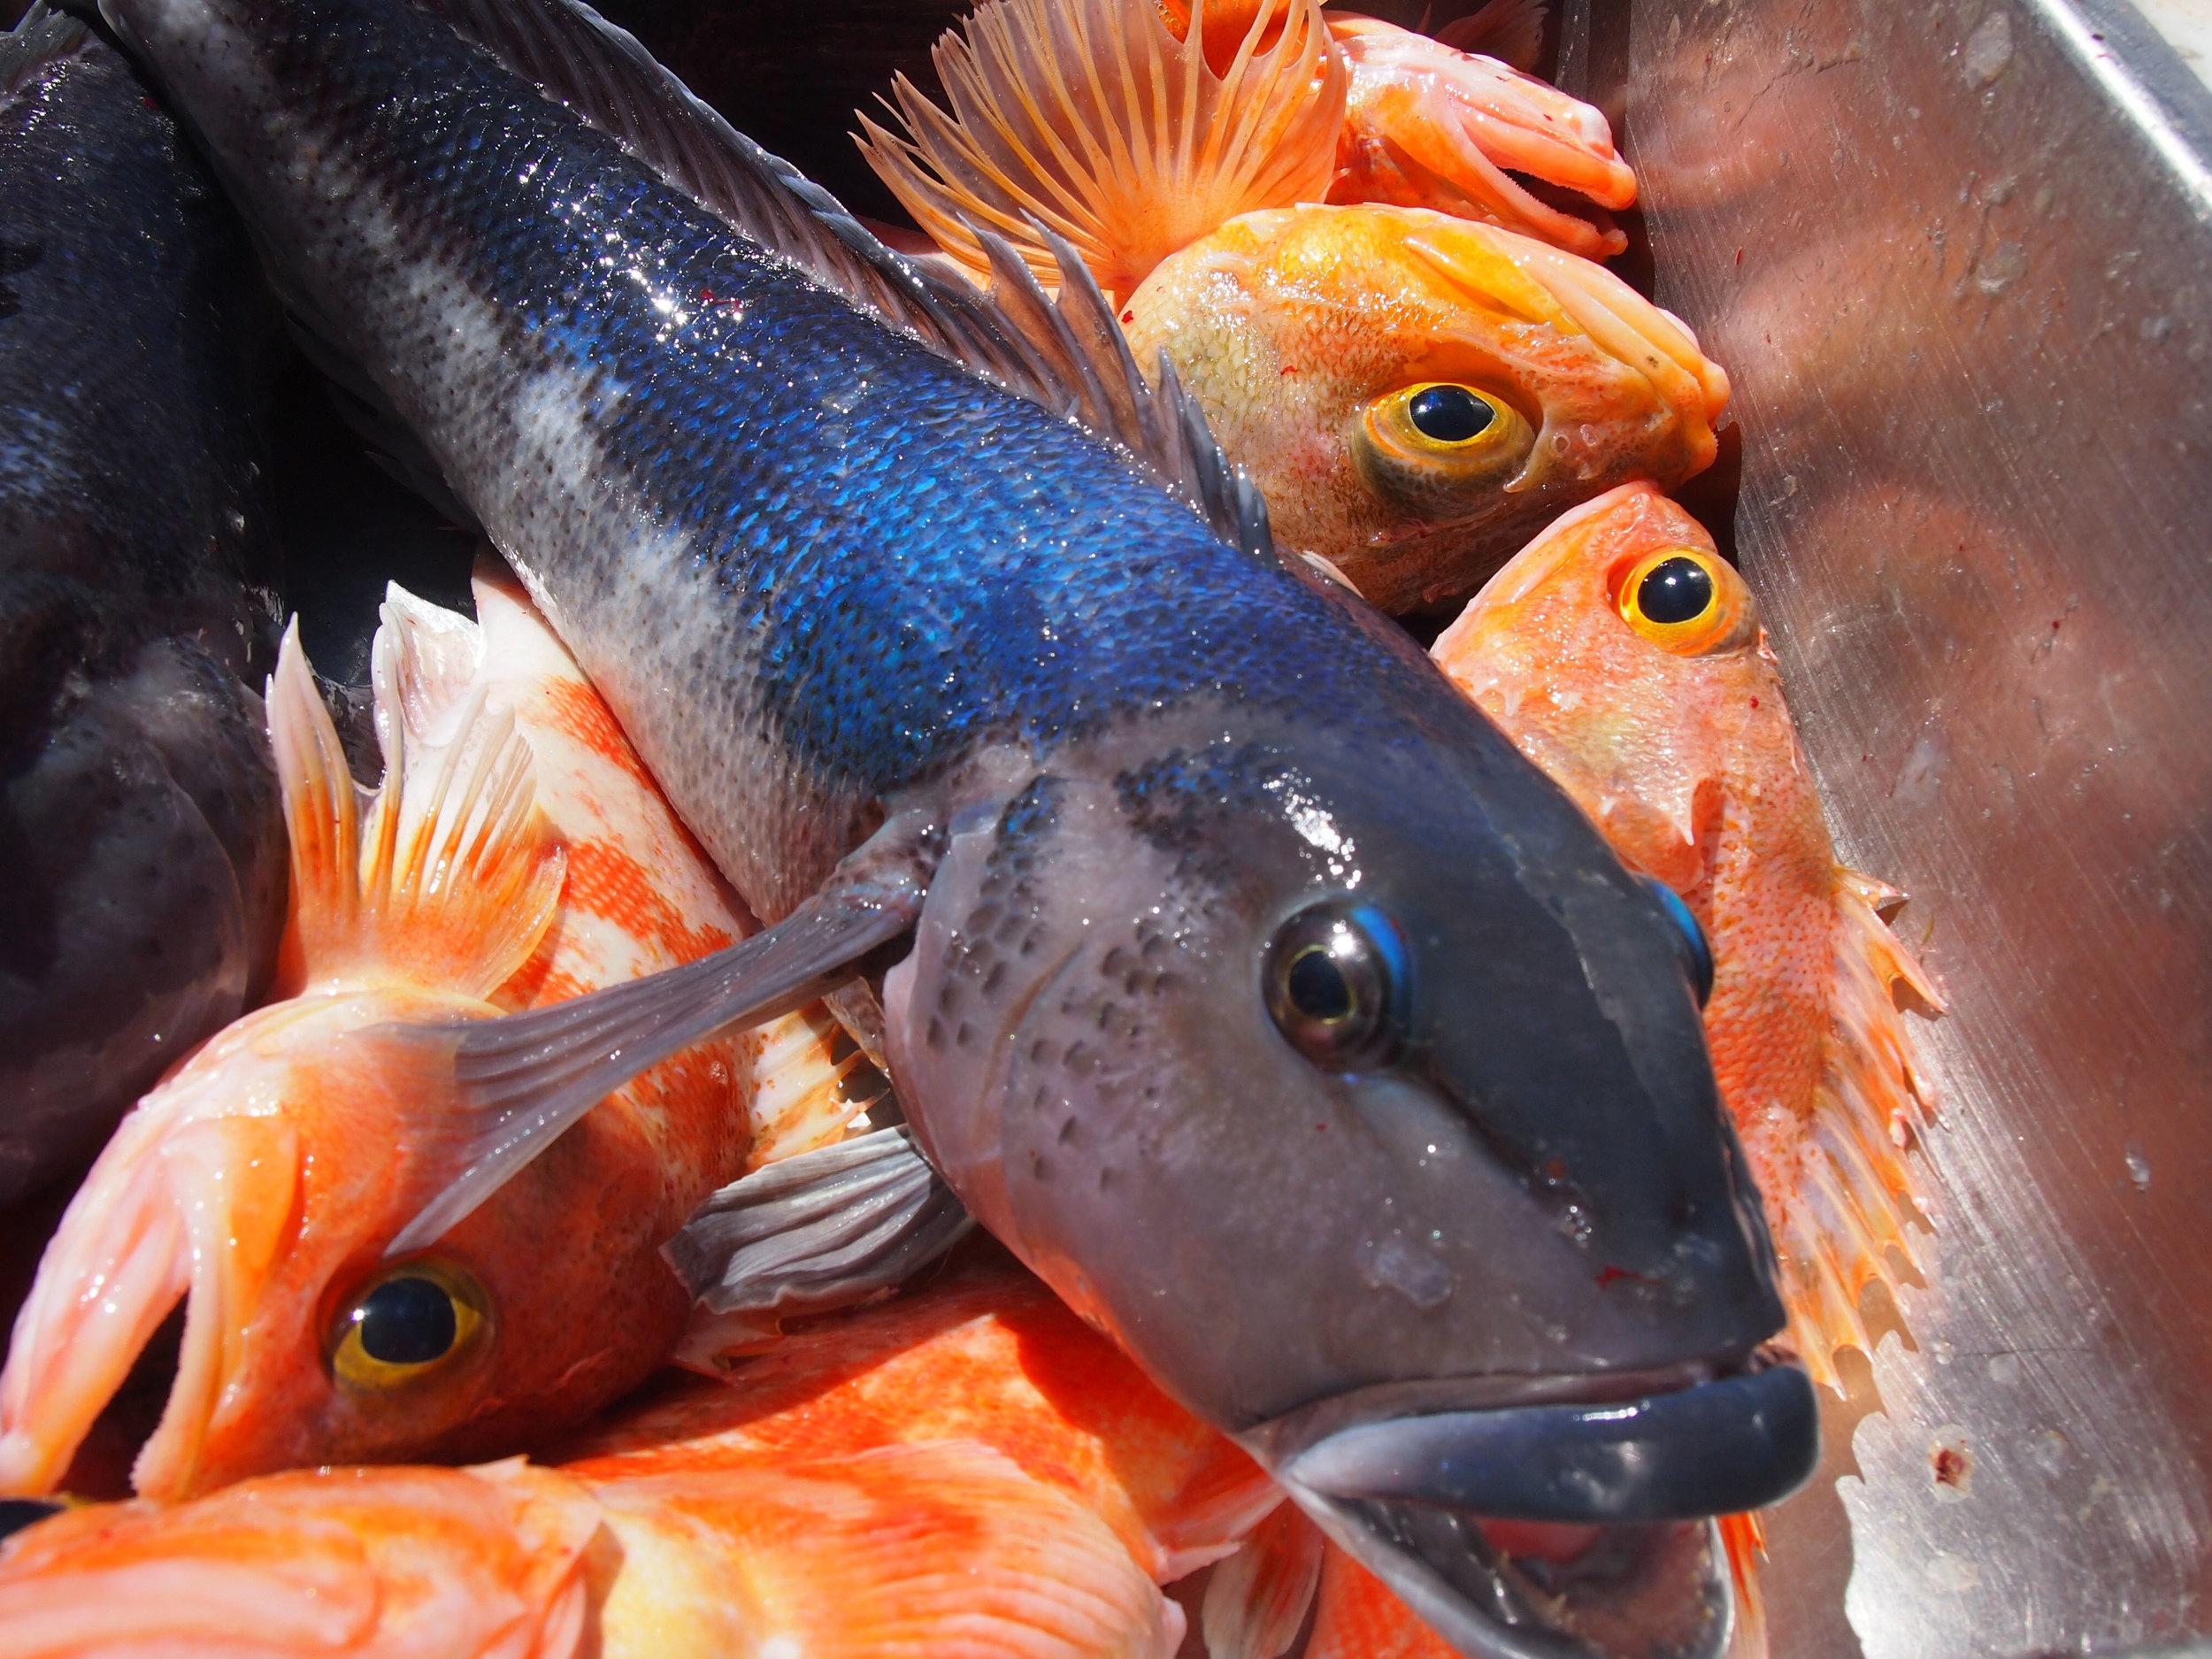 Blue cod and sea perch